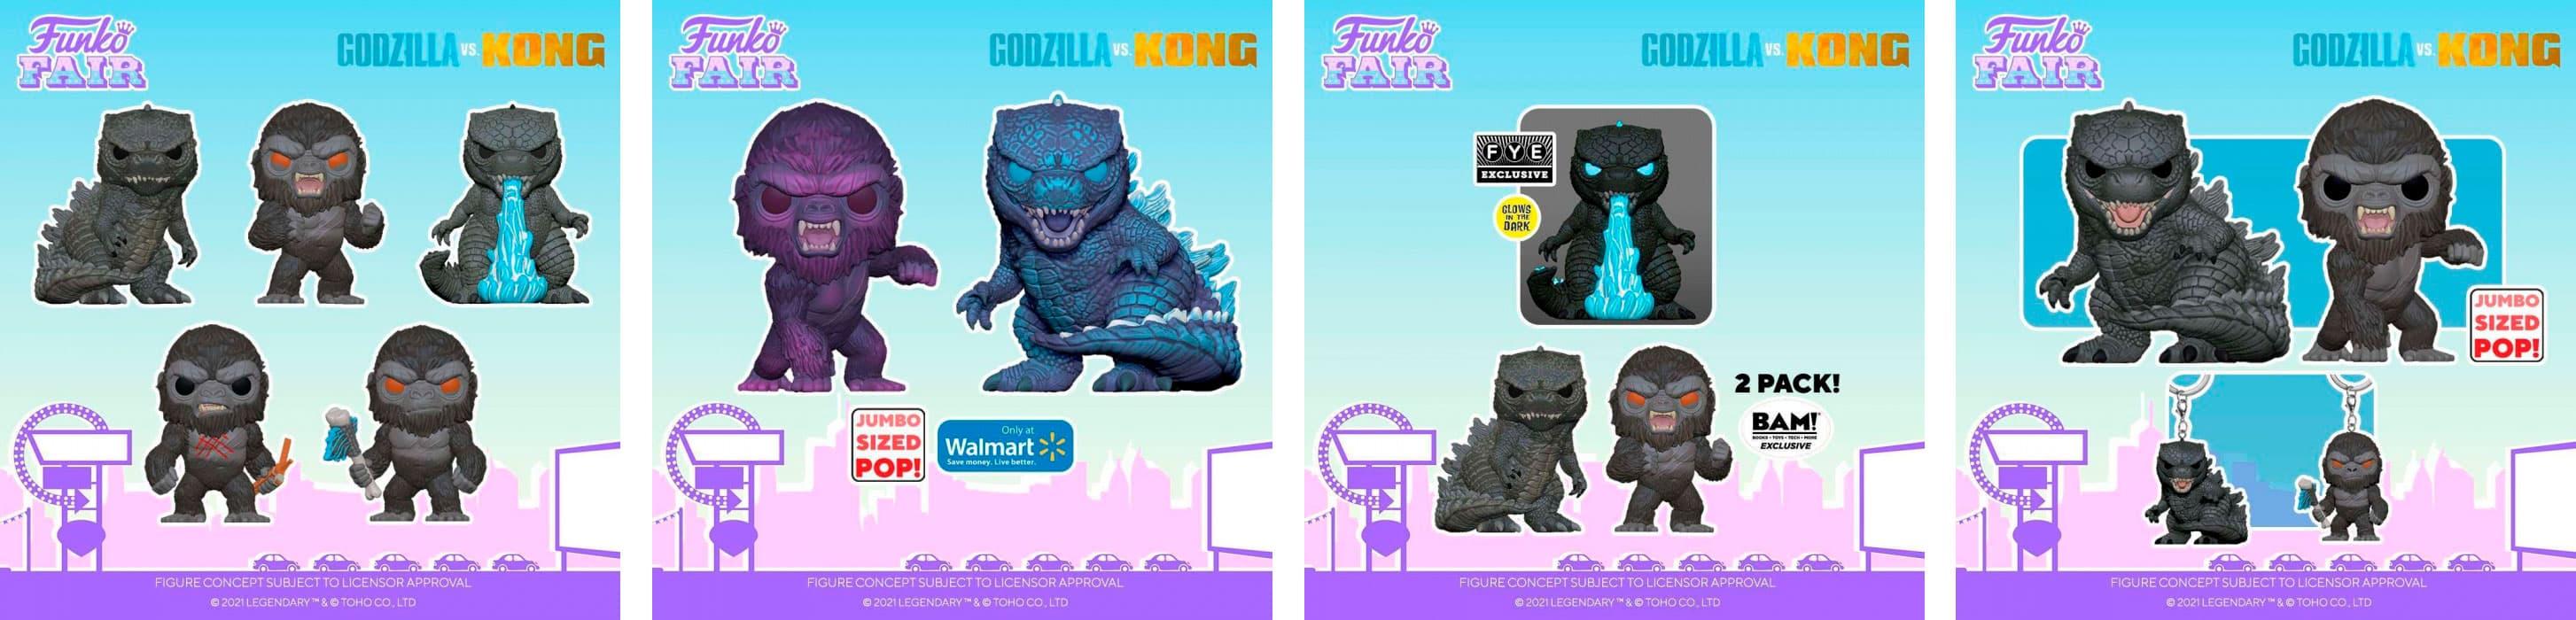 Nueva colección de Funkos de Godzilla y Kong presentados en la Funko Fair 2021